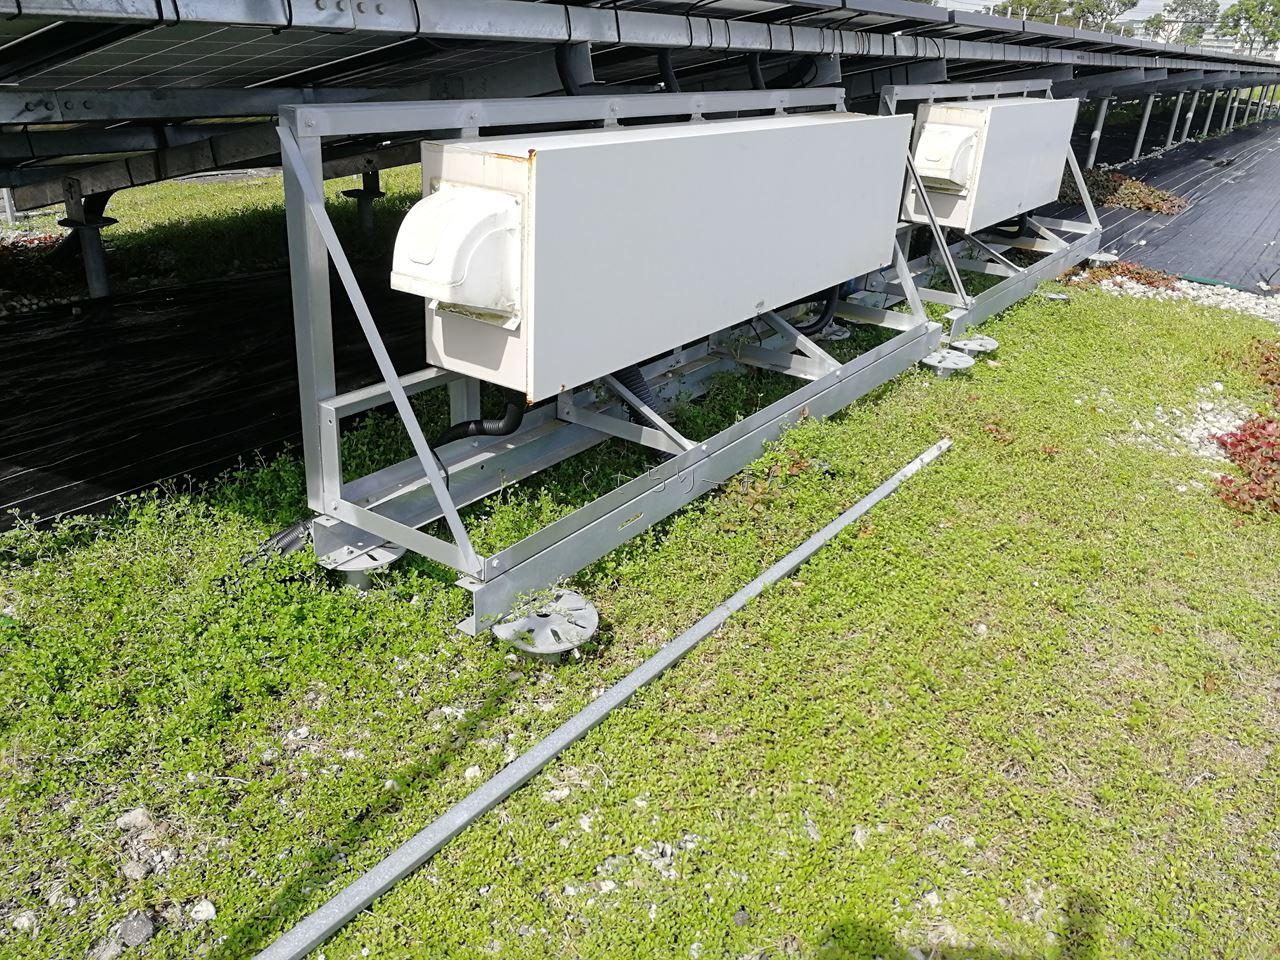 2019年夏の太陽光発電所の点検完了!クラピア大繁殖の夏でした